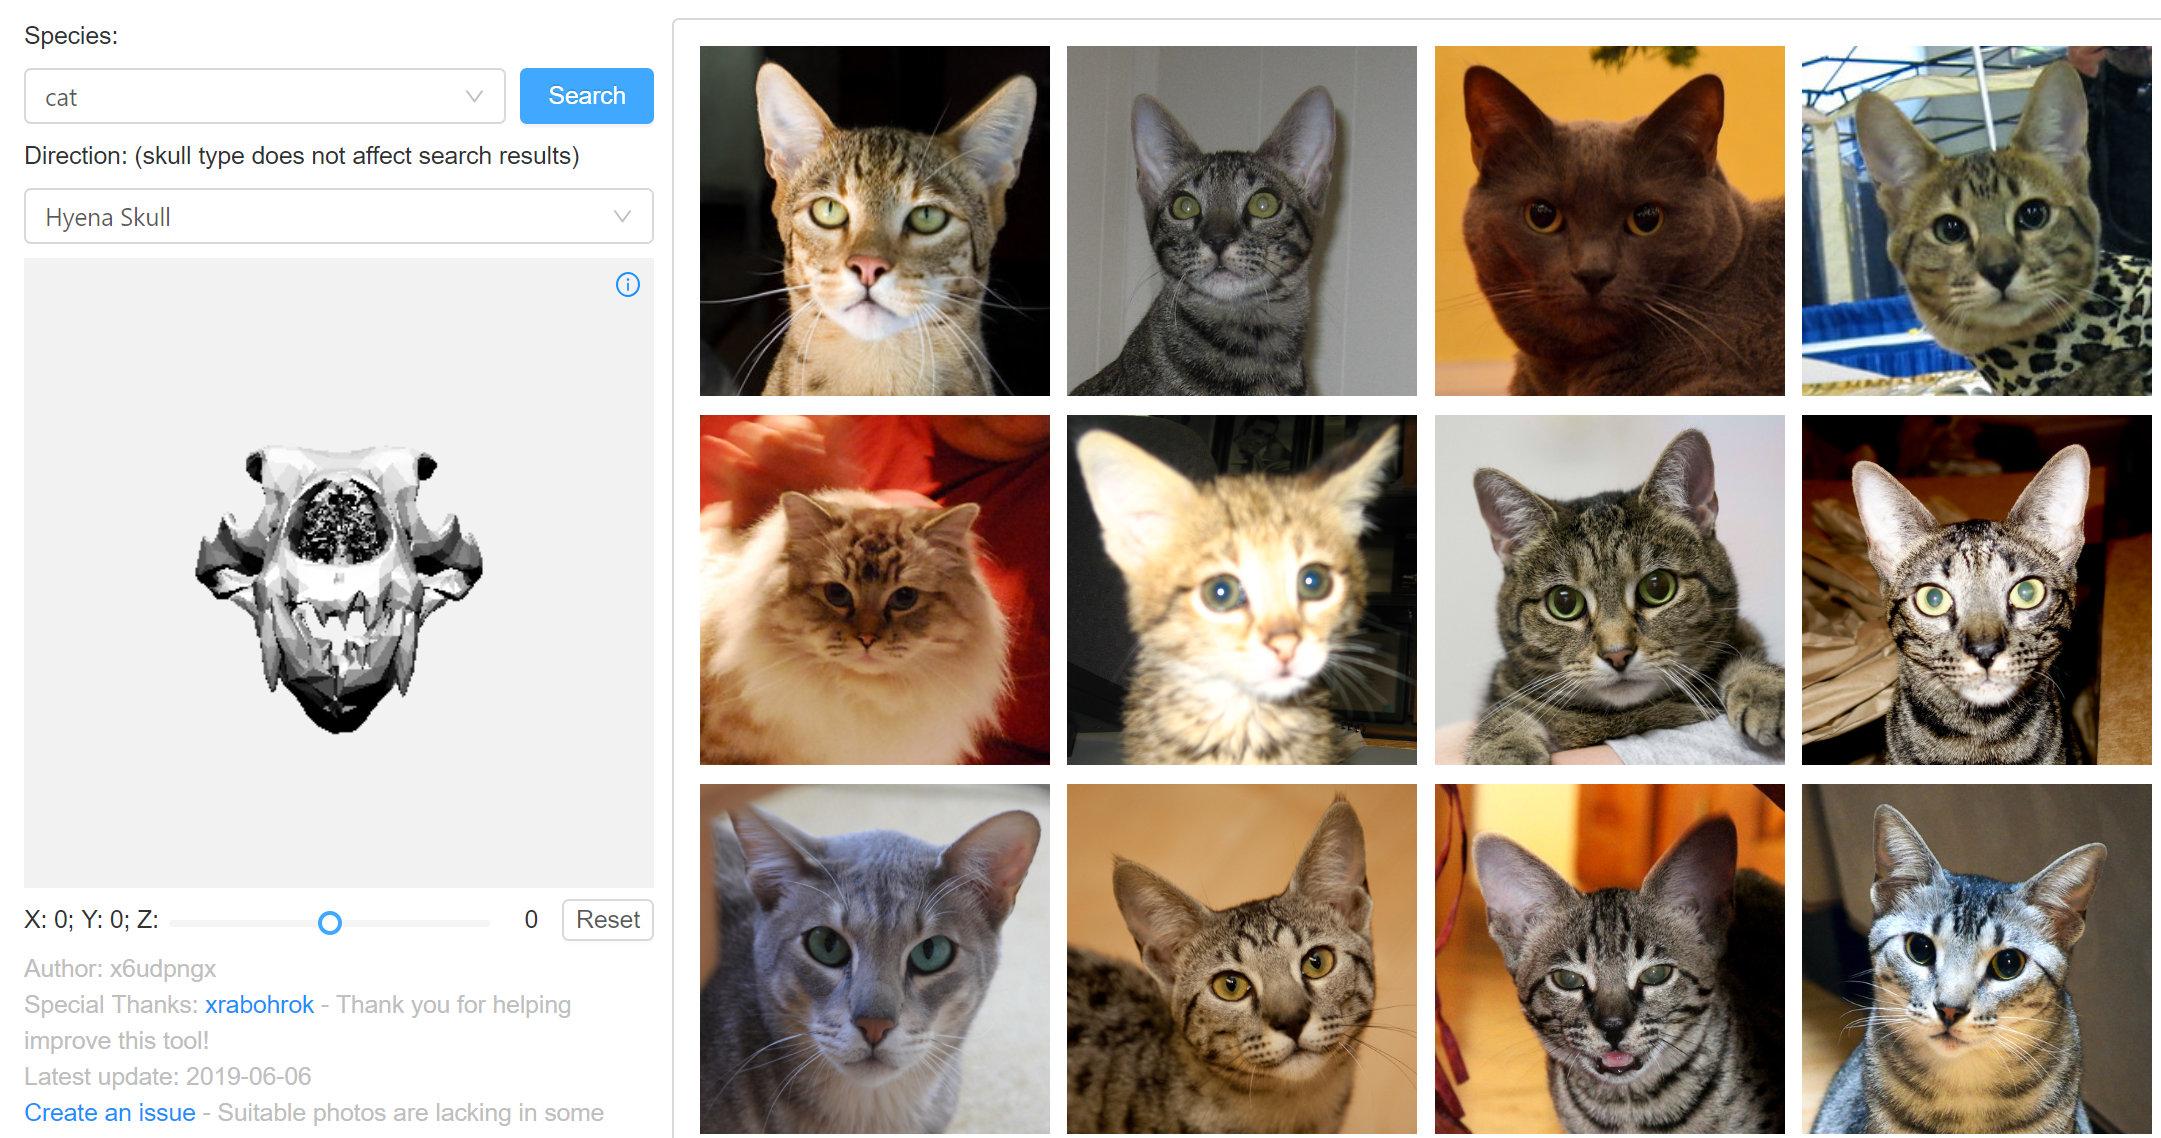 趣味网站分享第七期:油管频道推荐/贴吧趣闻/分子式壁纸生成/GIF工具/动物照片数据库 WordPress 第3张